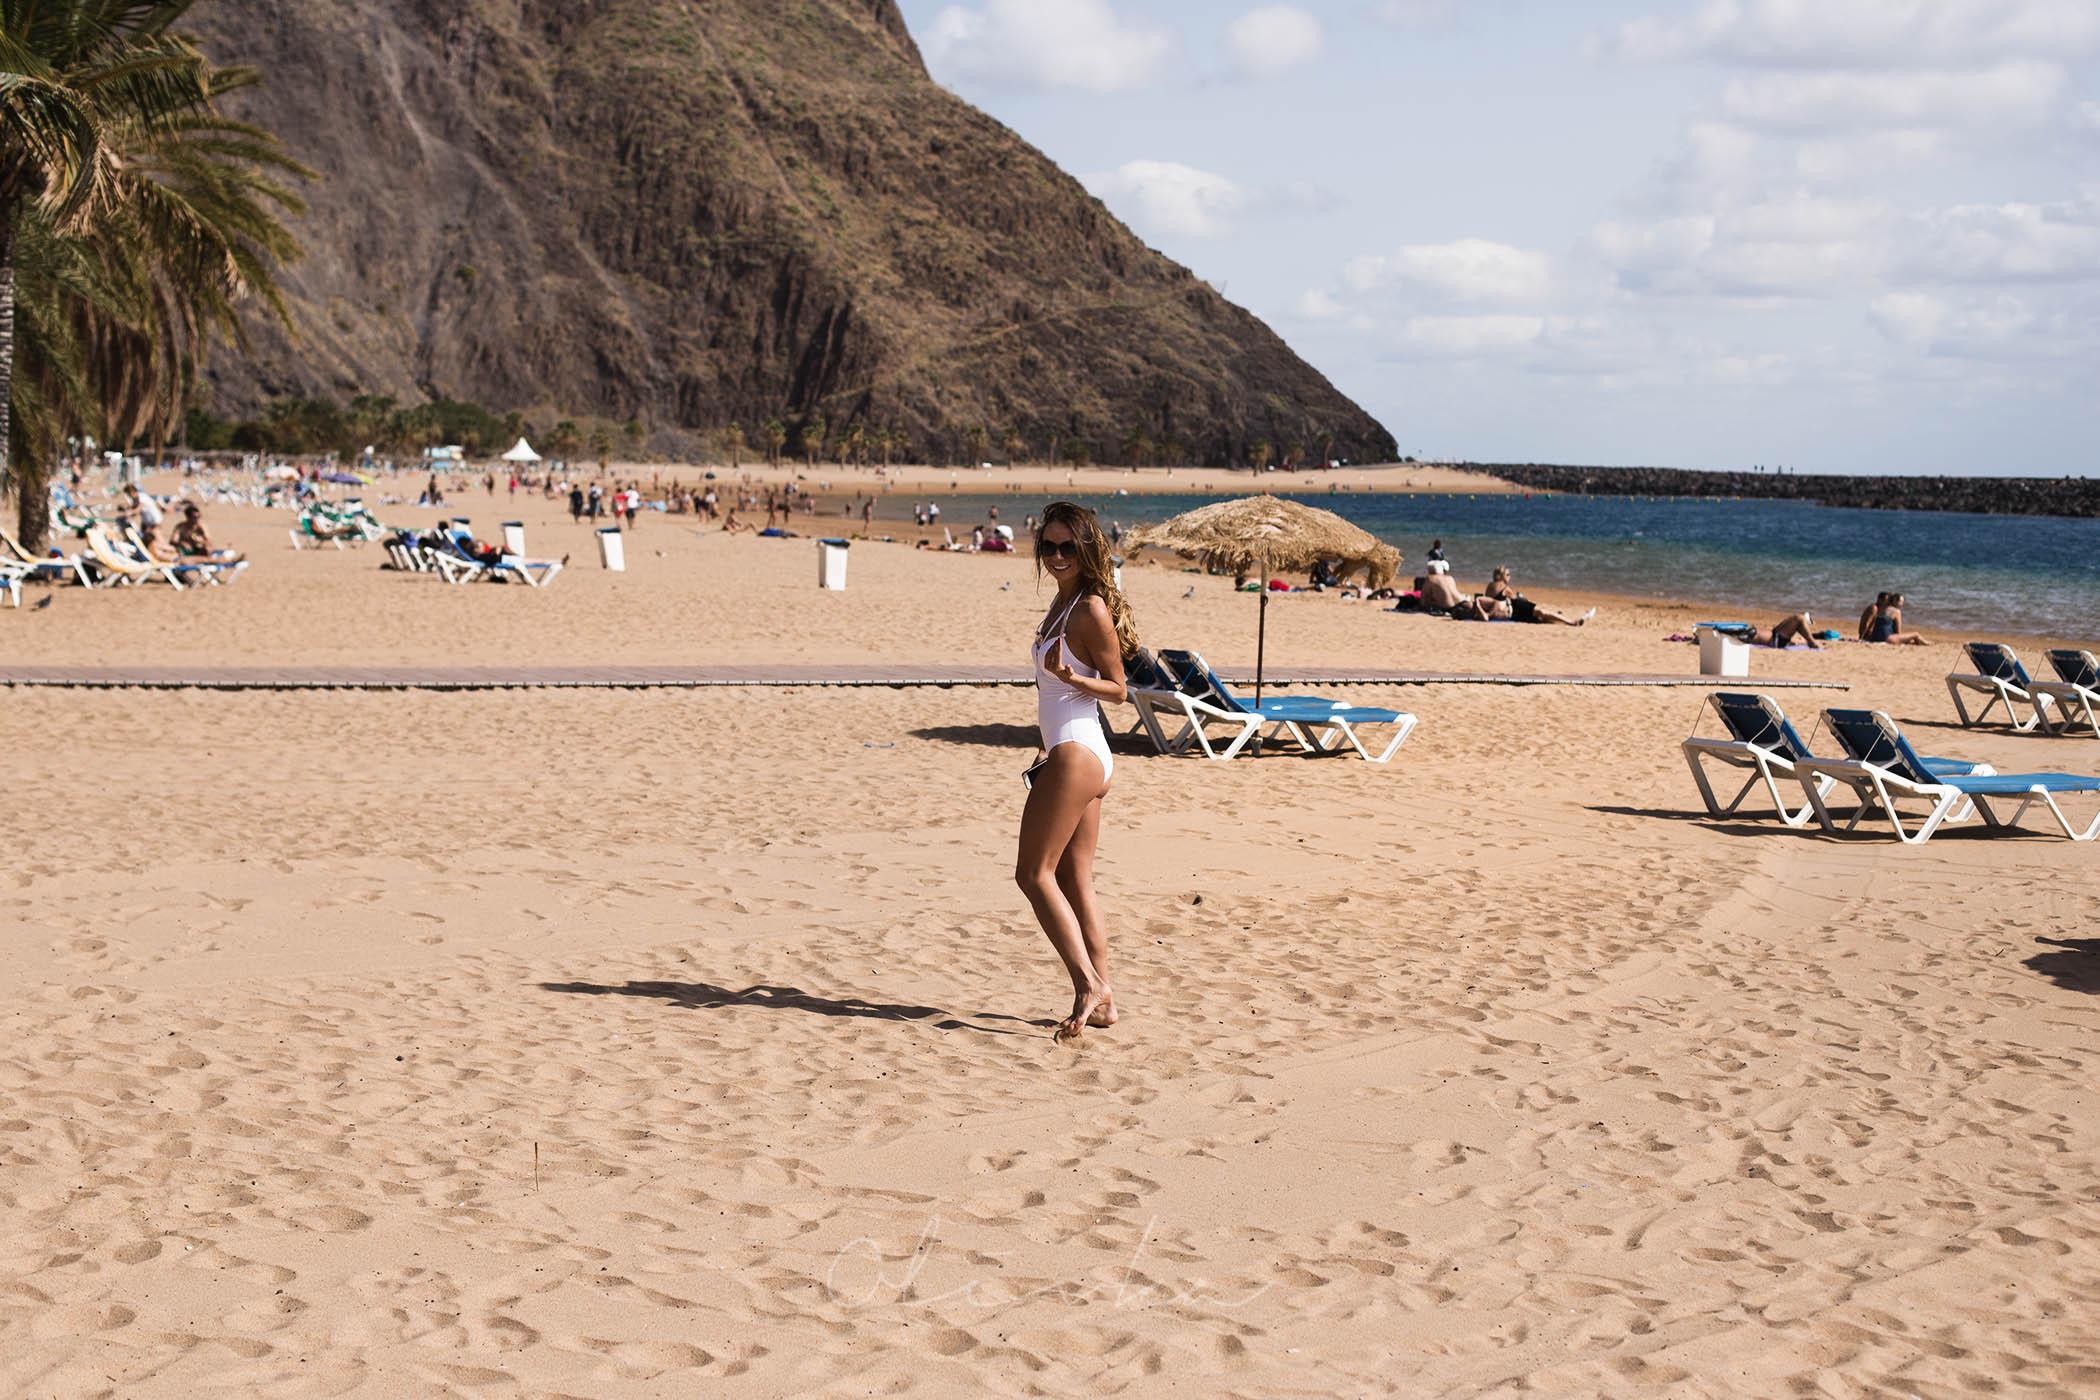 Plaża z saharyjskiego piasku na Teneryfie